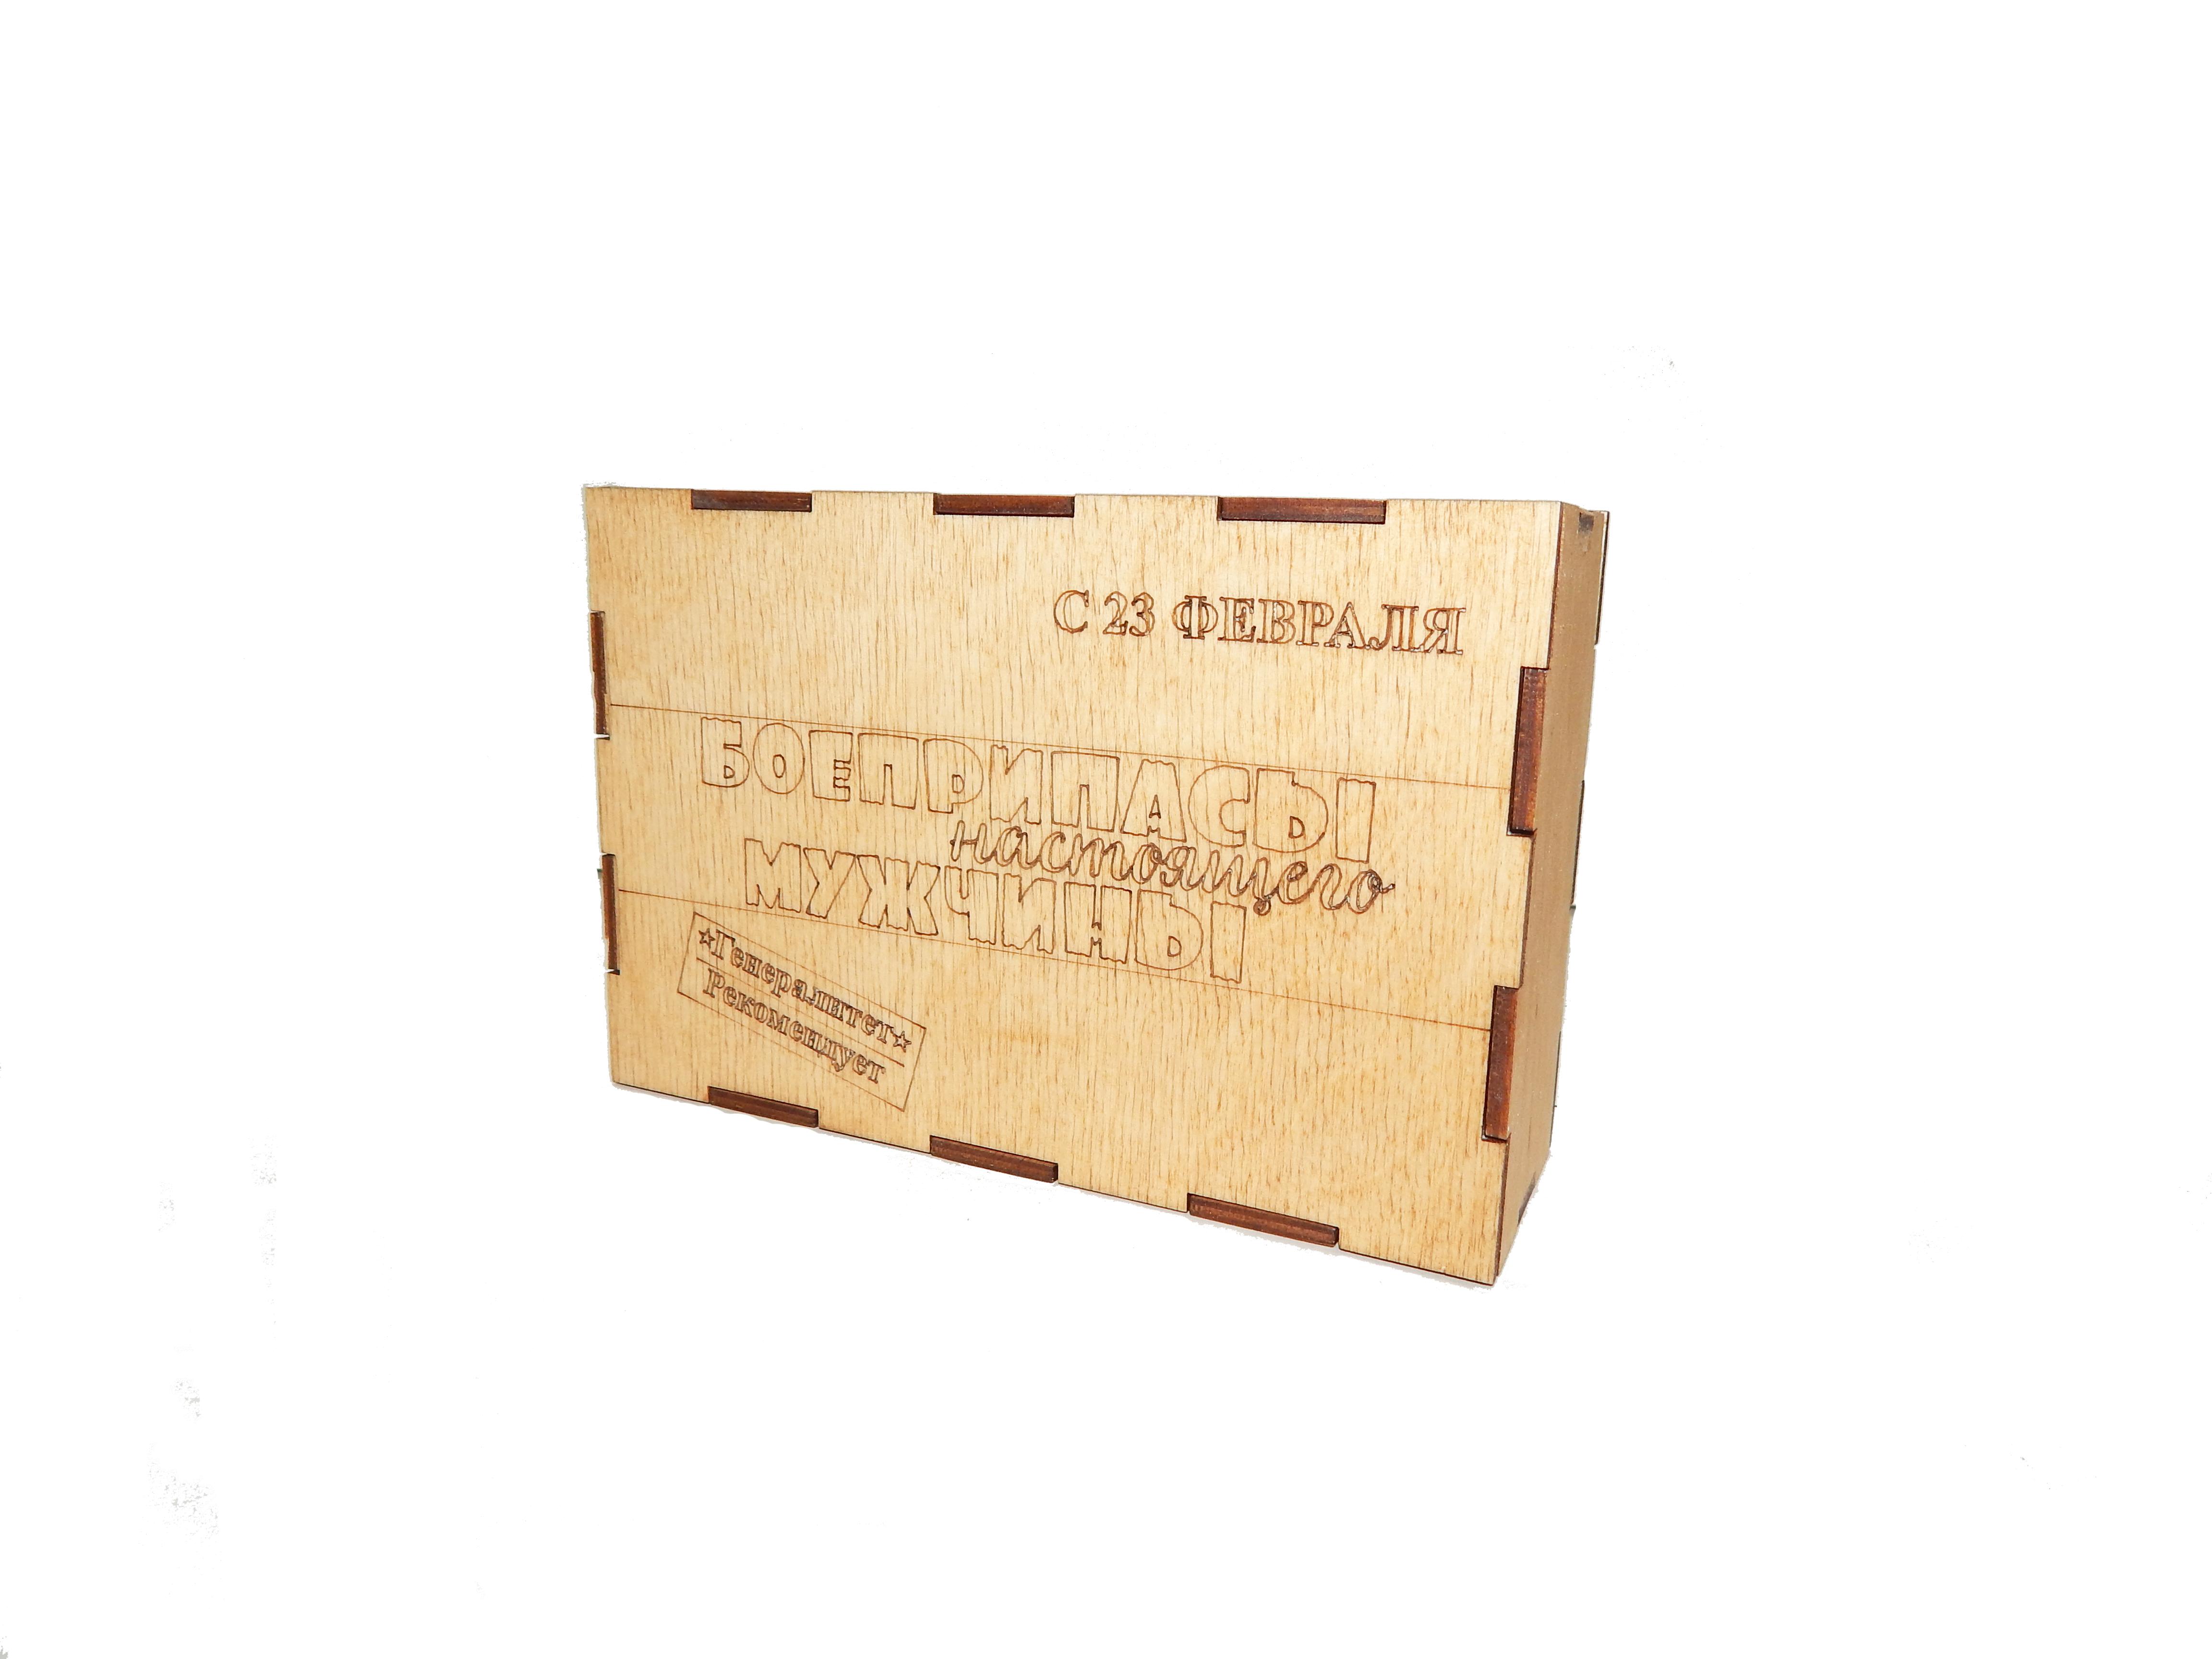 Купить коробку 23 февраля